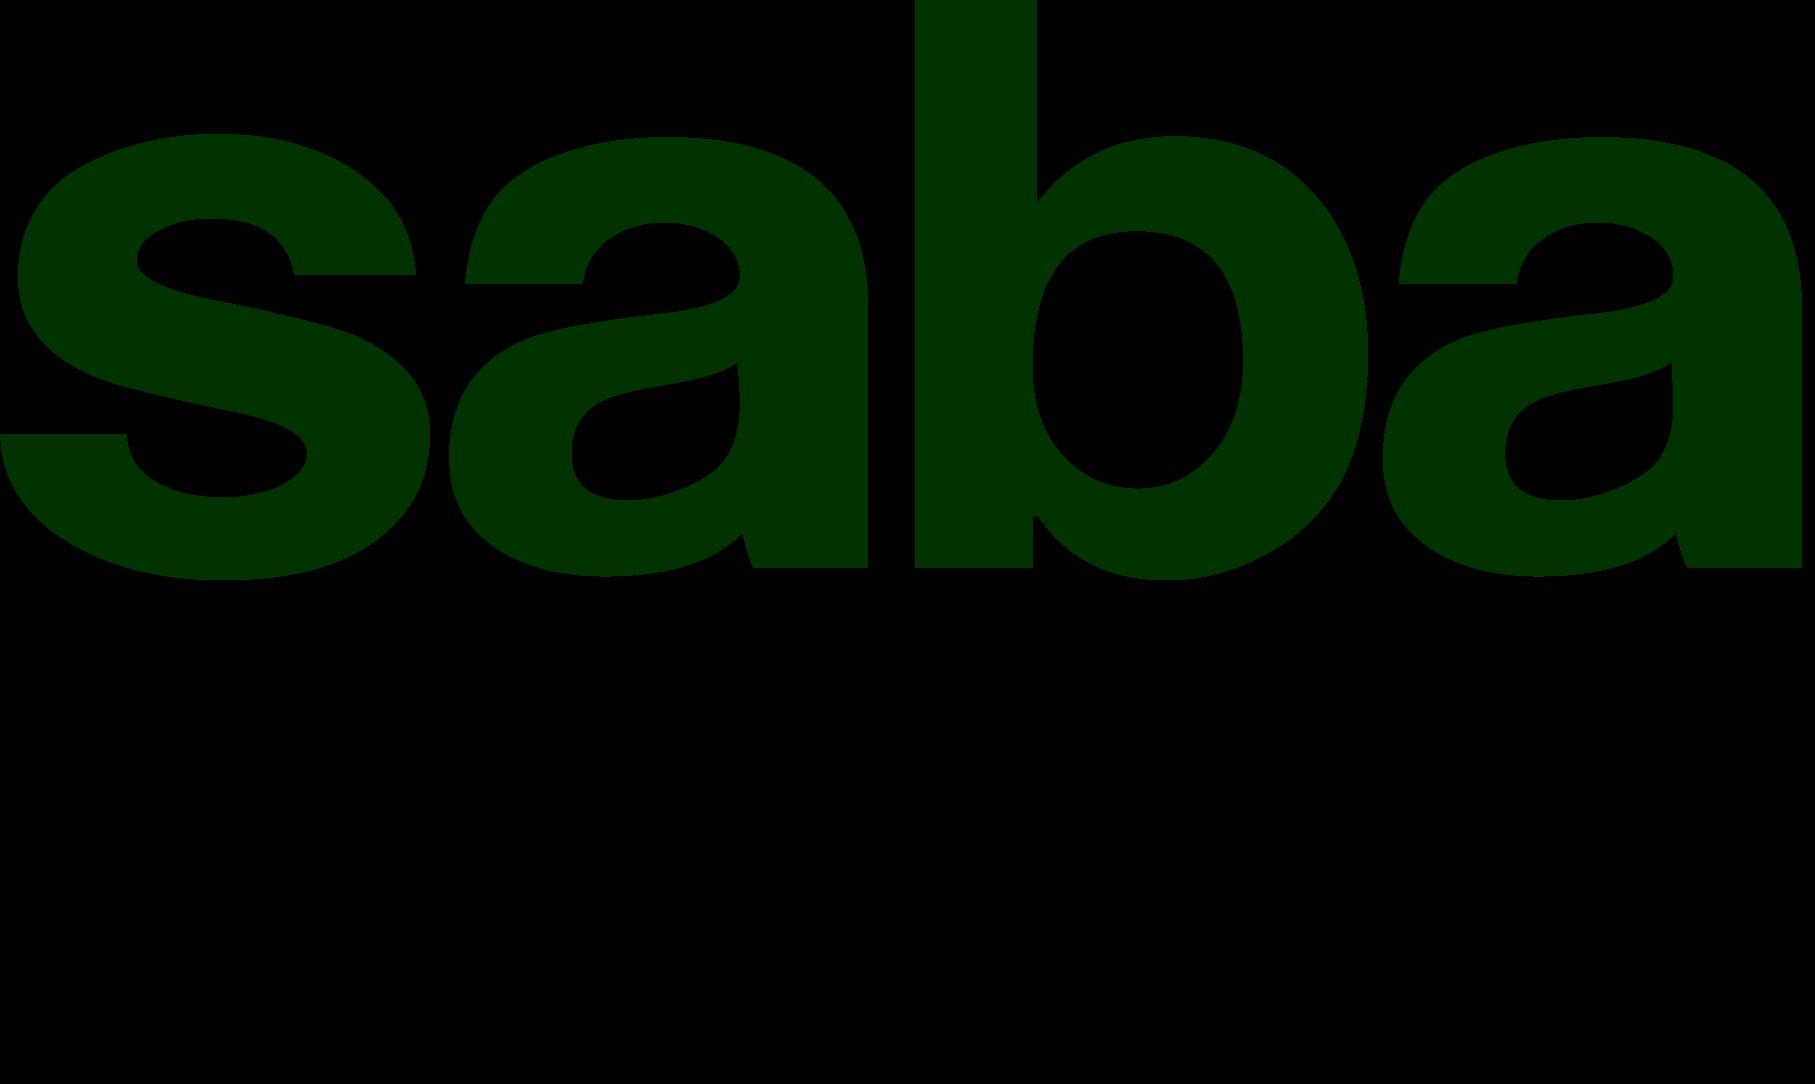 Saba Cafe - ad image